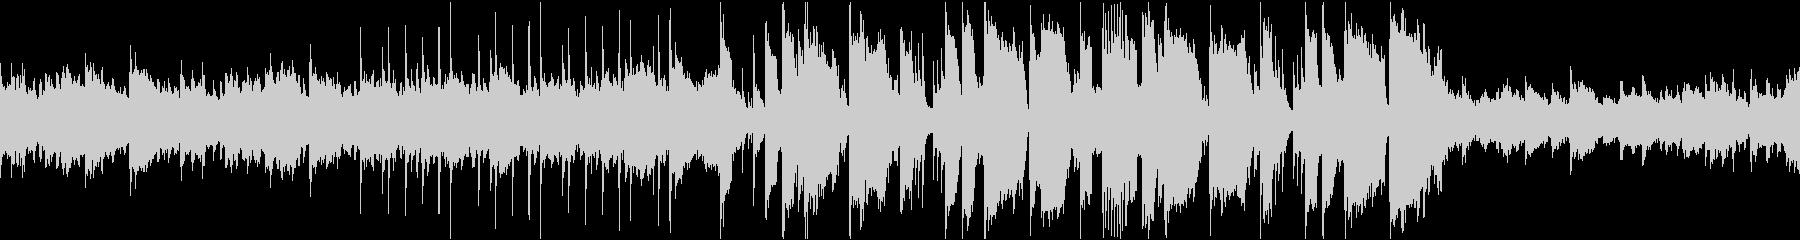 【ループ仕様】ピアノメロディが印象的の未再生の波形